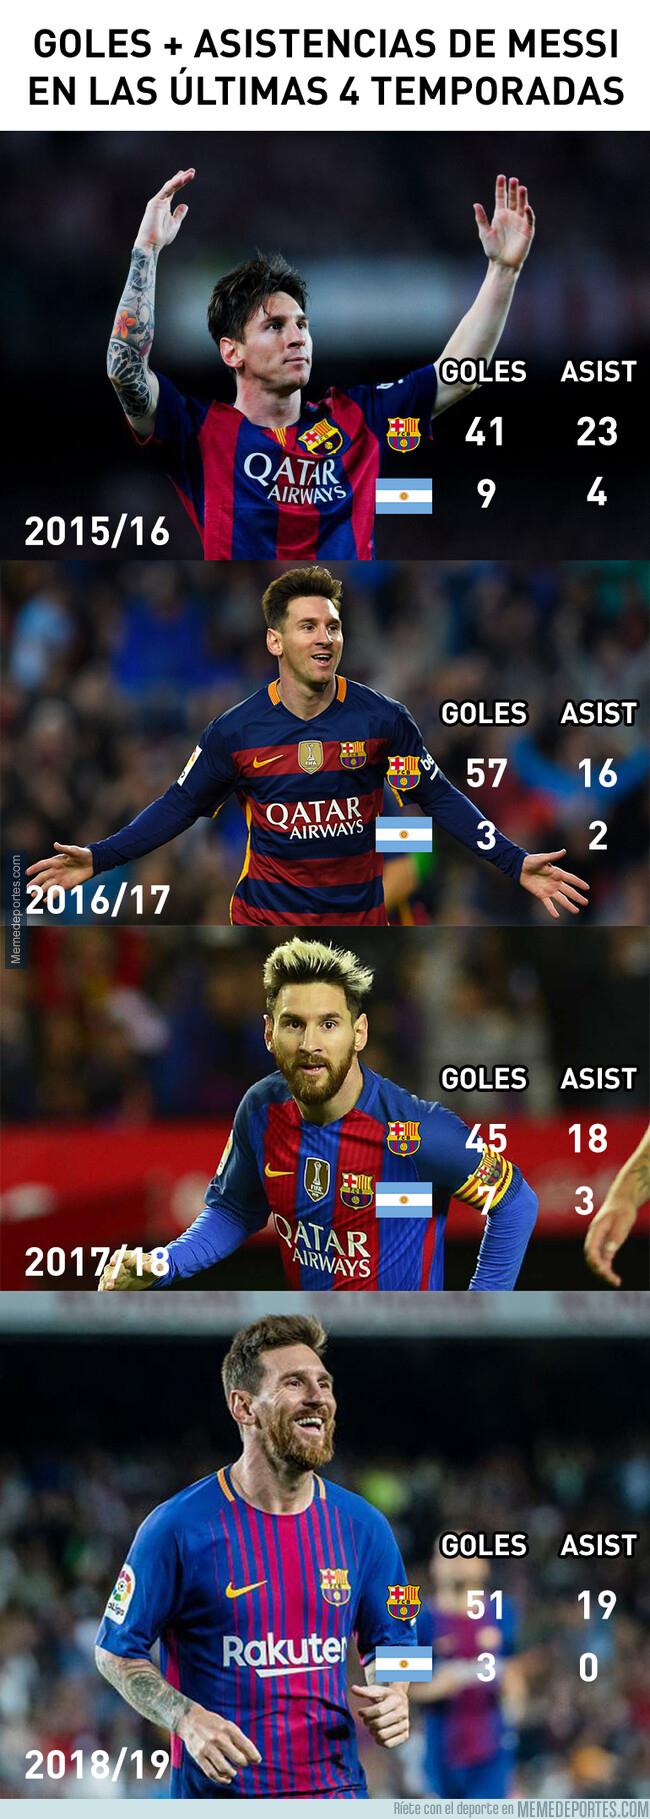 1080008 - La brutal cifra goleadora de Messi con Barça y Argentina en los últimos cuatro años